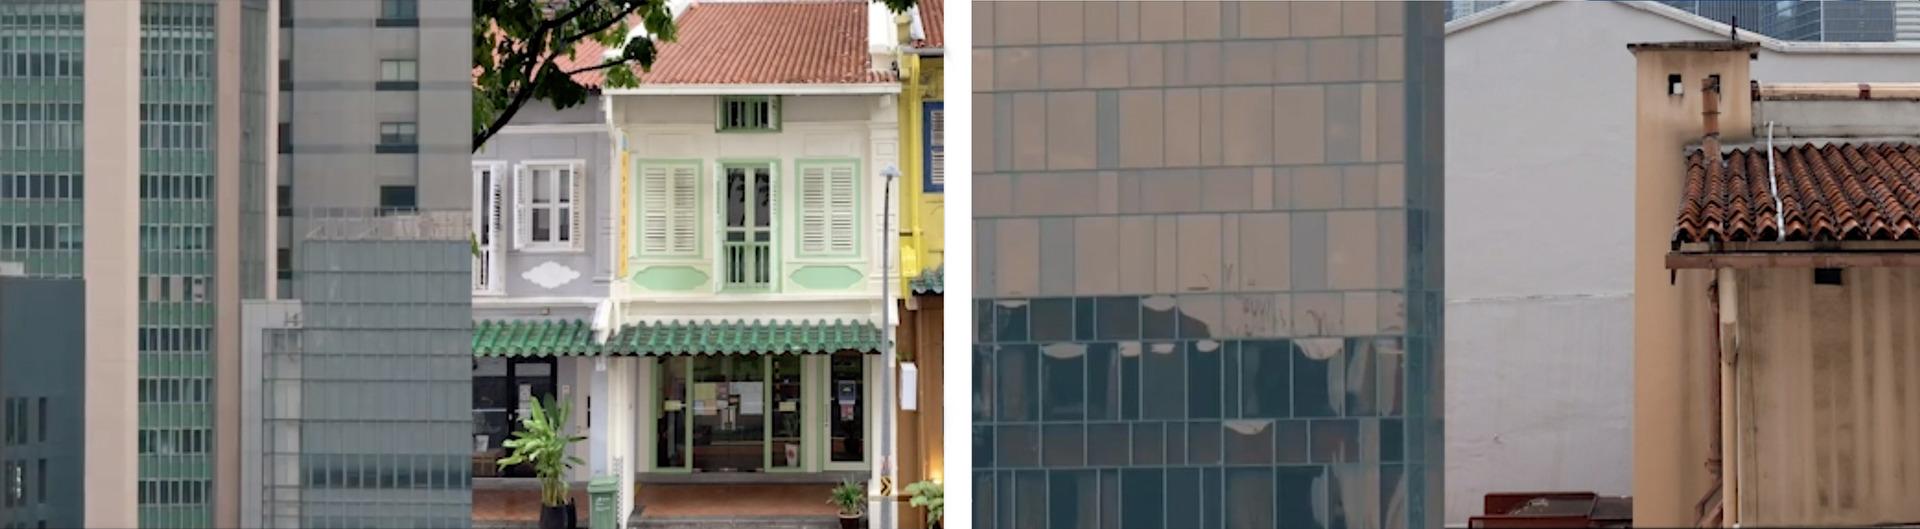 Architectural Juxtaposition